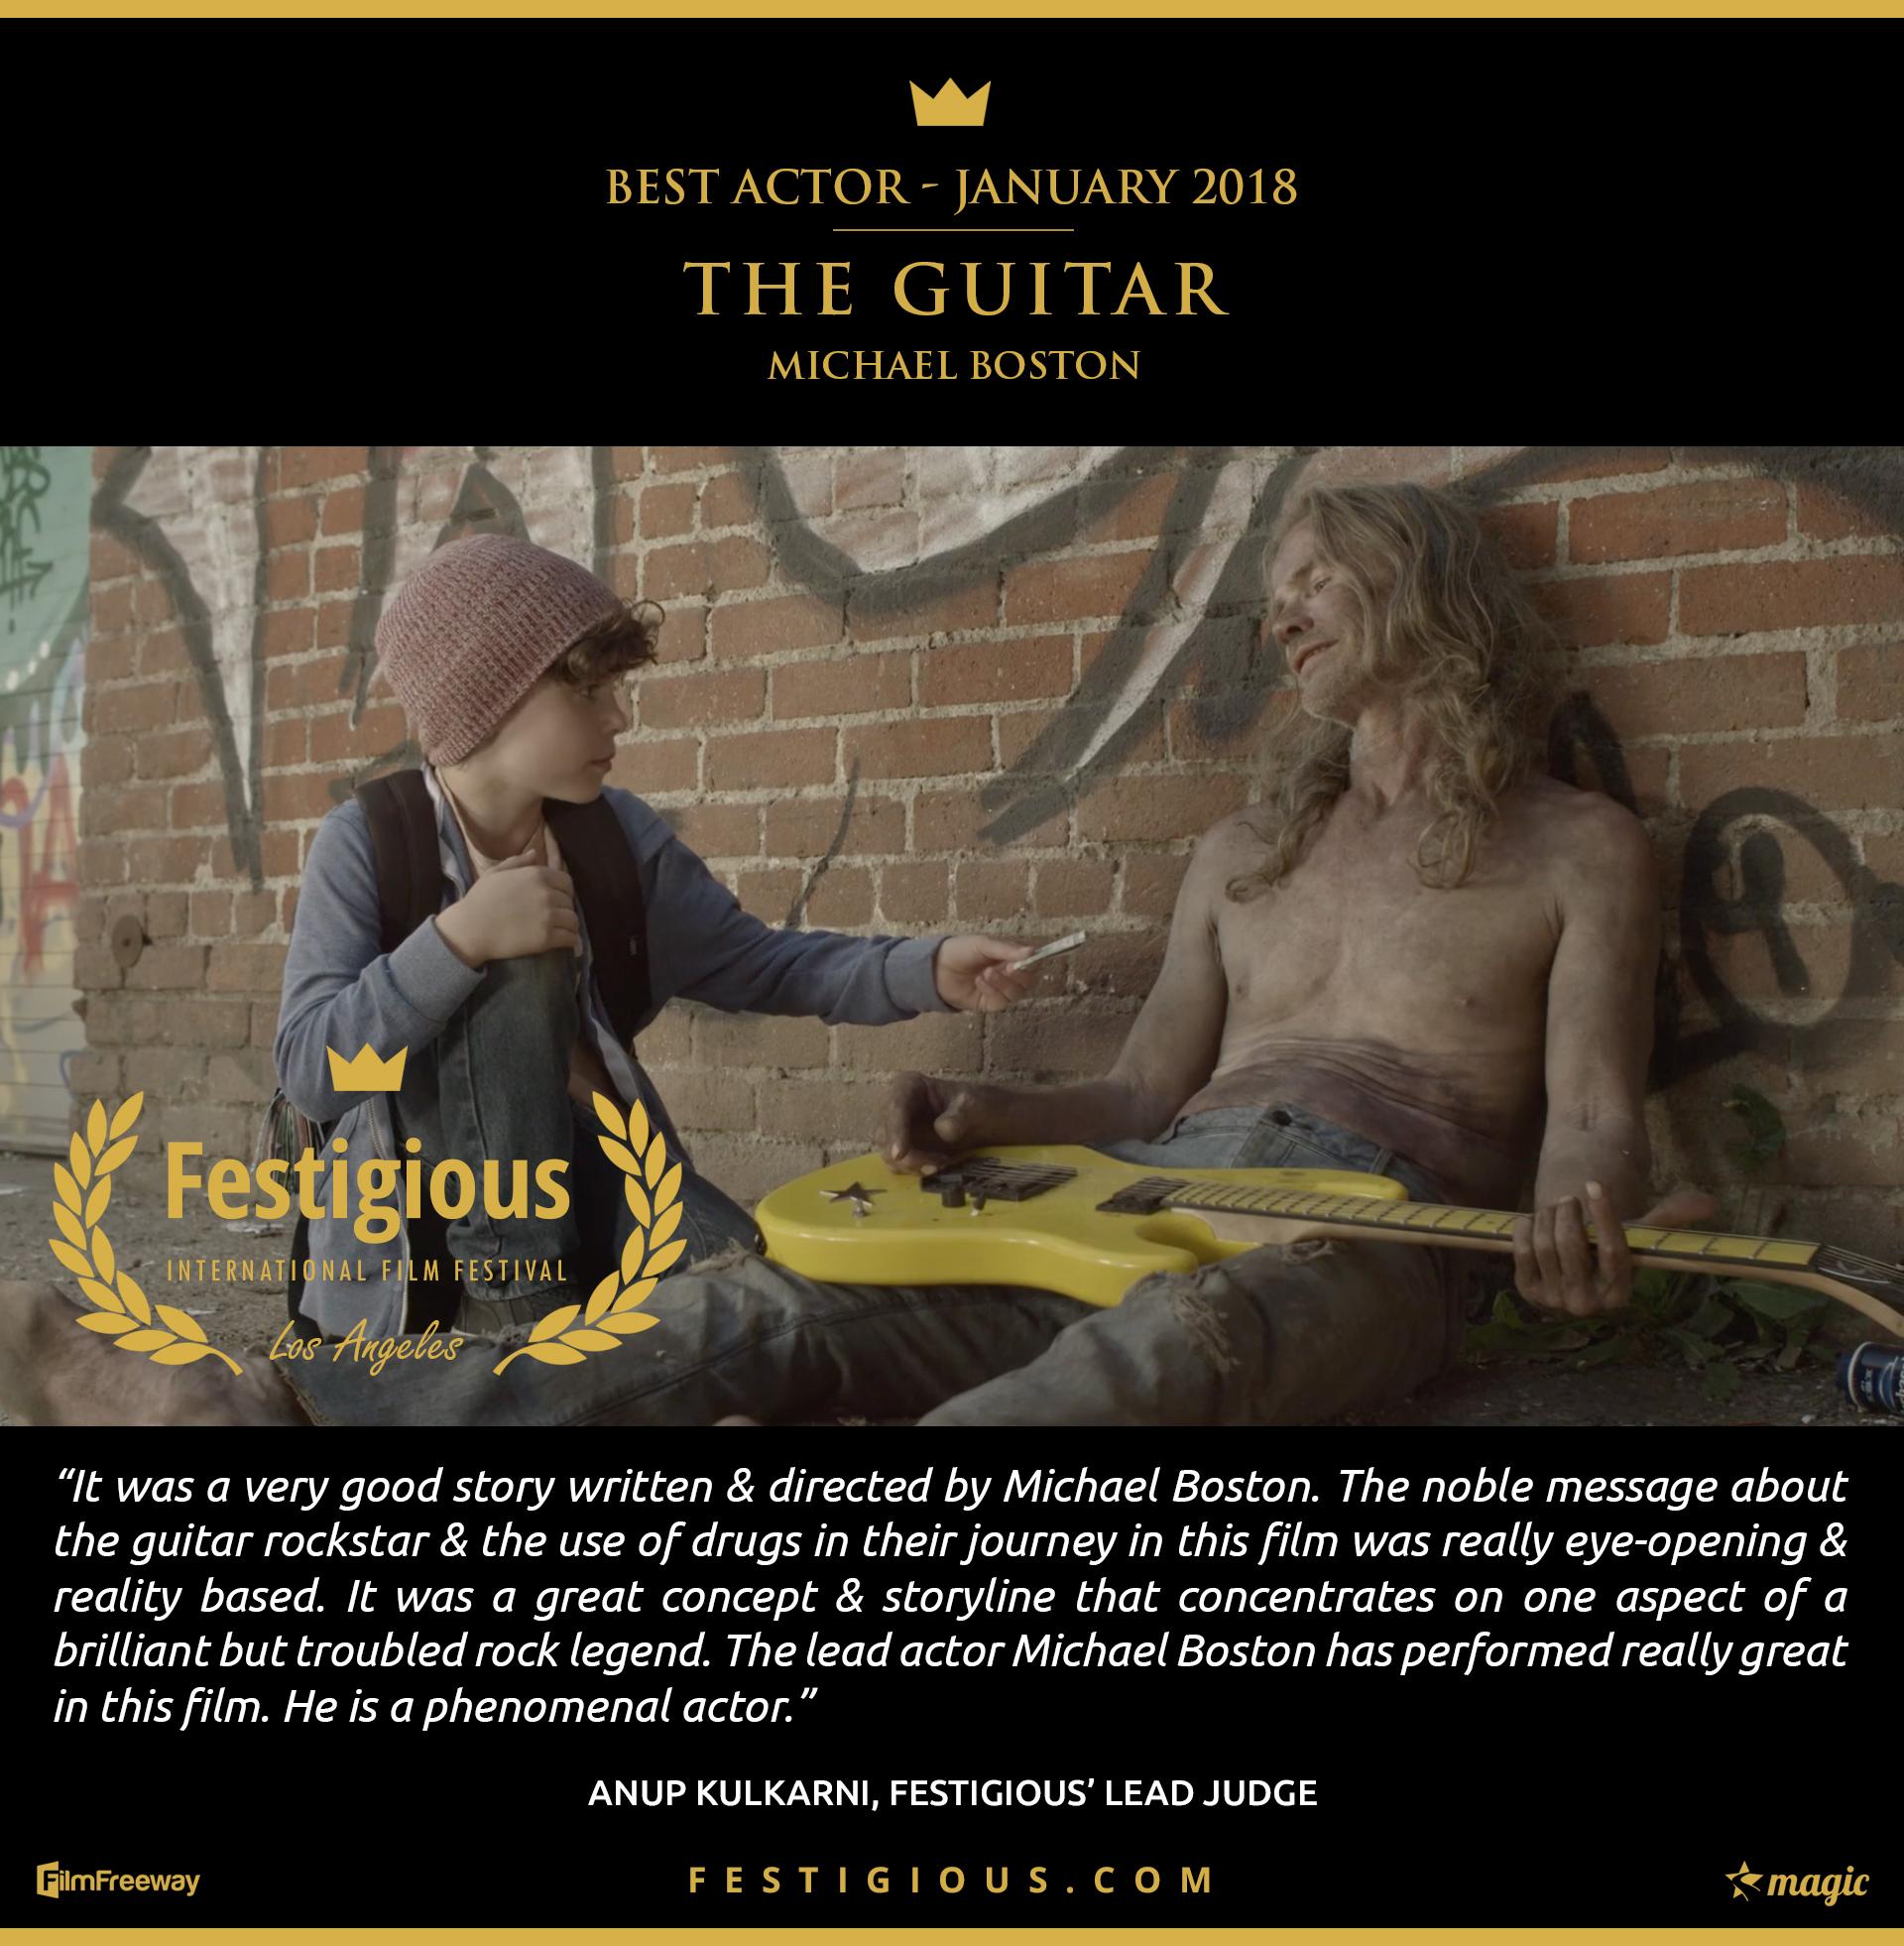 The Guitar - Best Actor